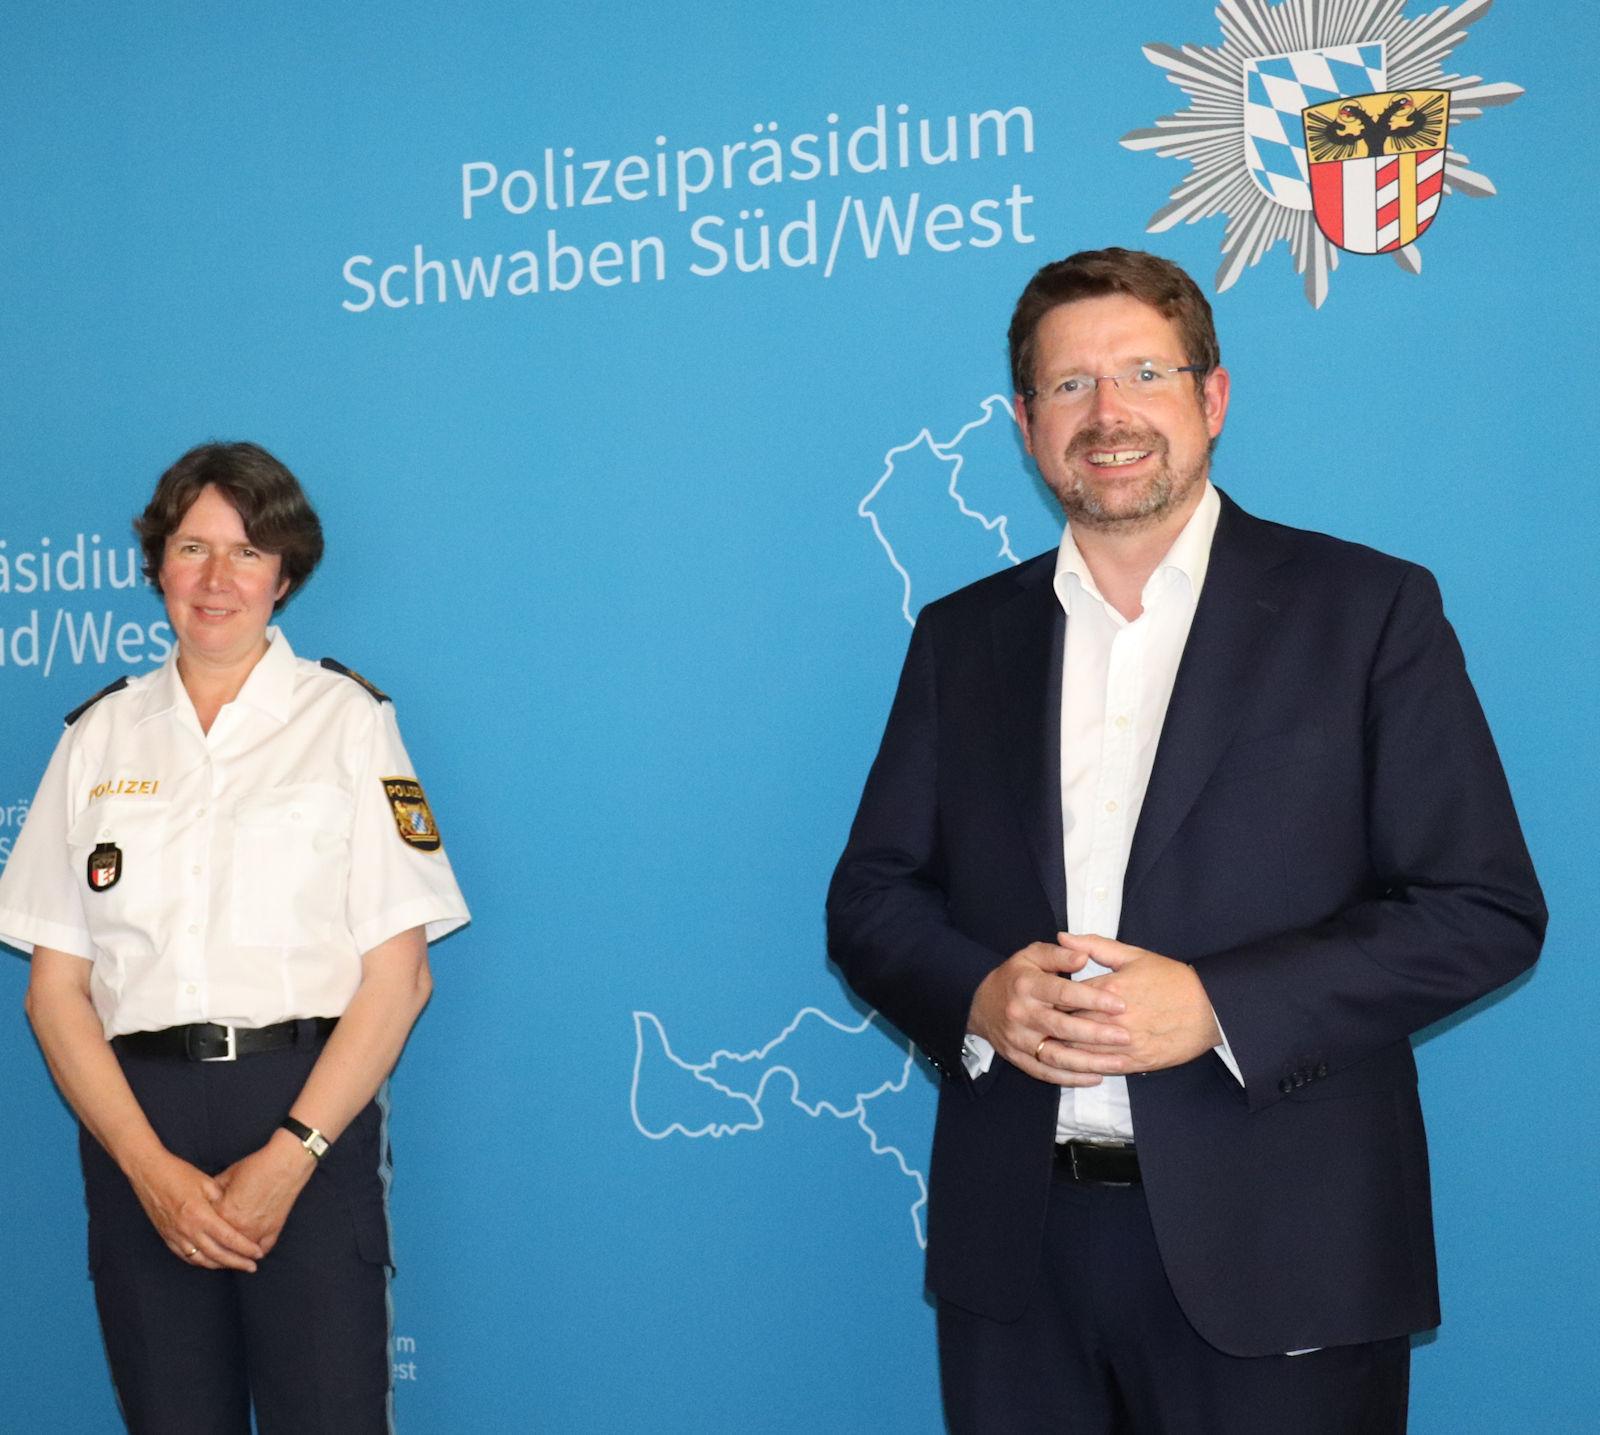 Stephan Stracke tauschte sich mit Polizeipräsidentin Dr. Claudia Strößner und Polizeivizepräsident Guido Limmer aus.